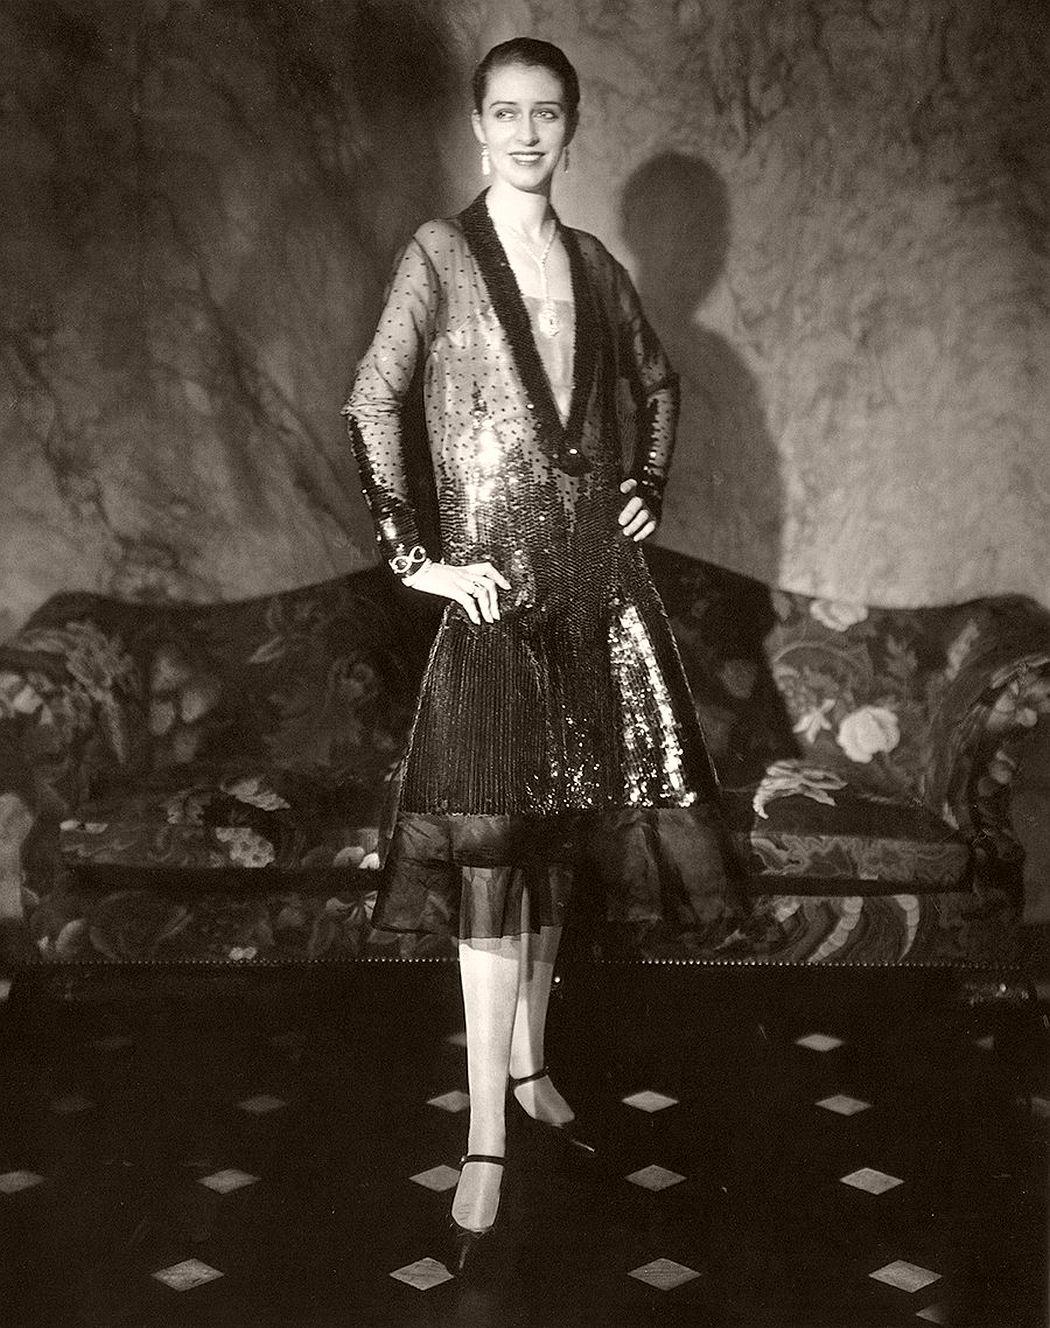 Marion Morehouse in Cheruit Gown, 1927 by Edward Steichen